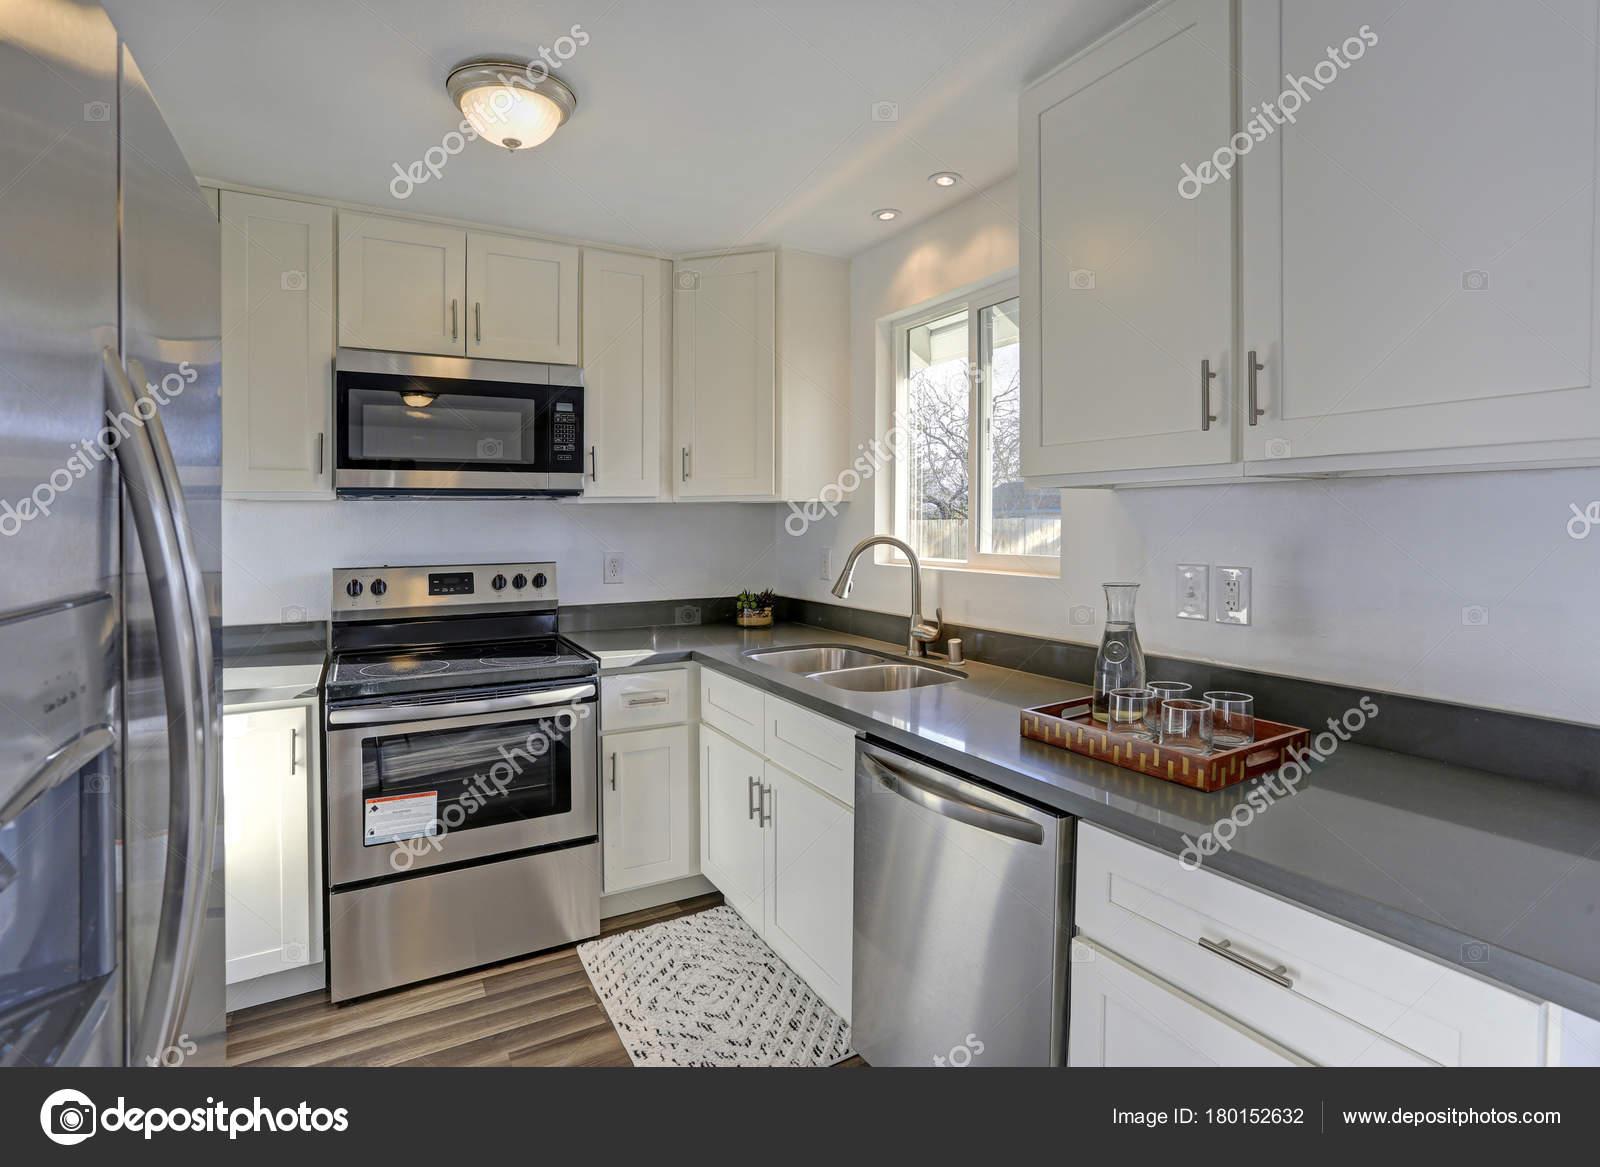 La luz llena pequeña cocina compacto características interiores ...